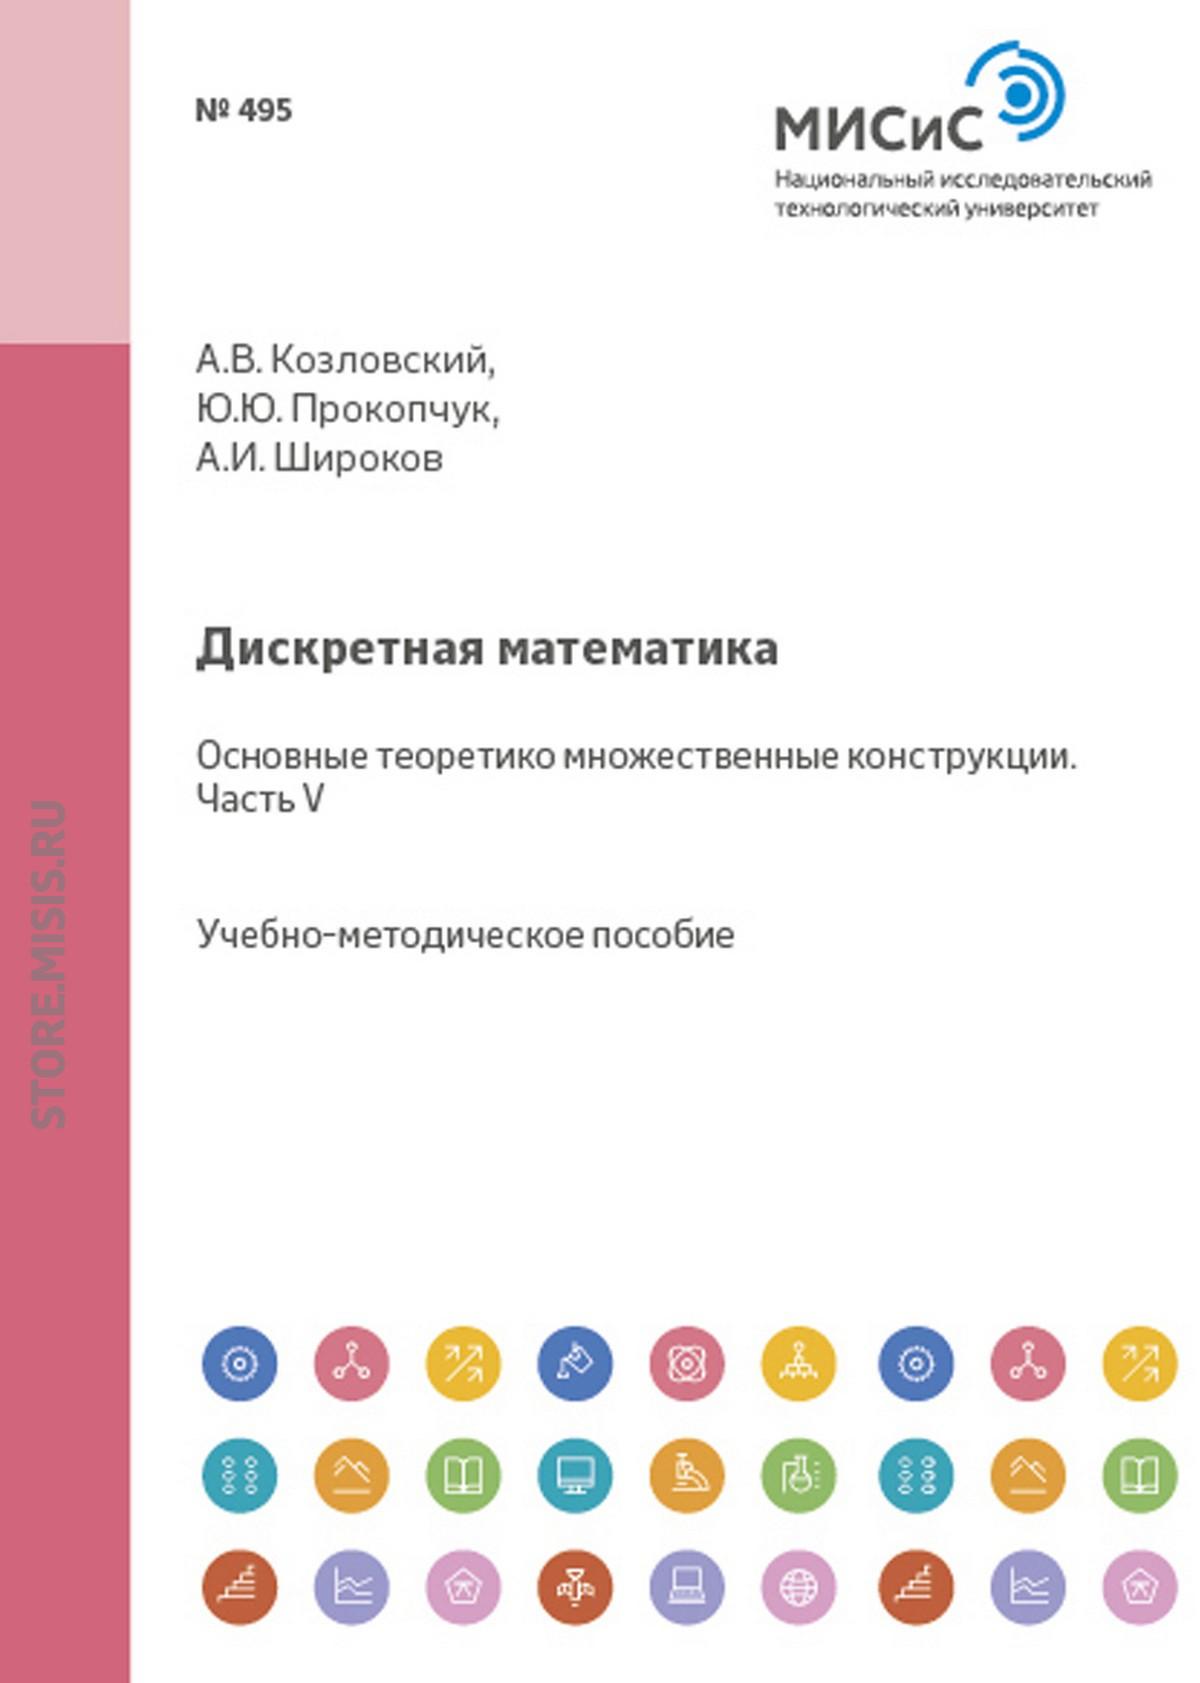 А. И. Широков Дискретная математика. Основные теоретико-множественные конструкции. Часть V